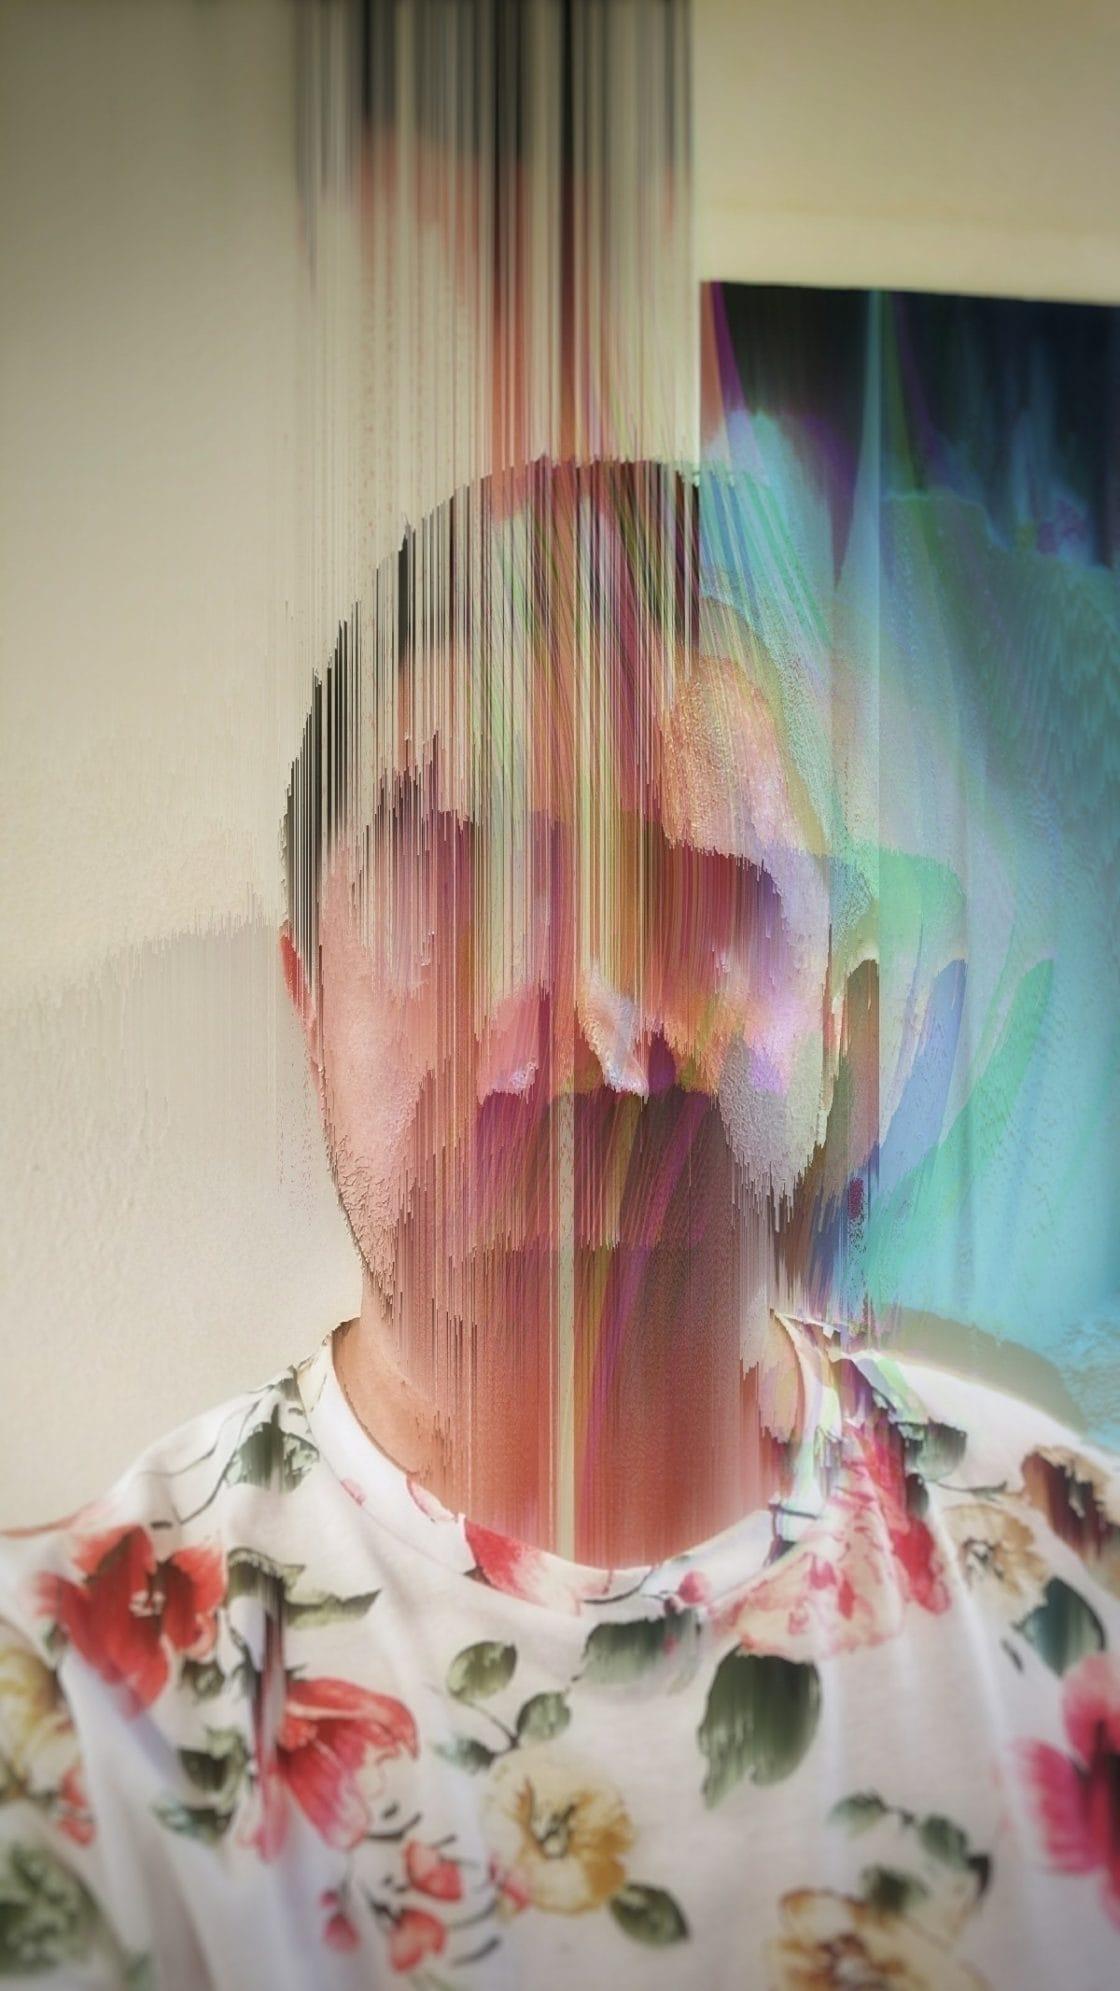 victor-ruano-portrait-santasombra-glitch-004